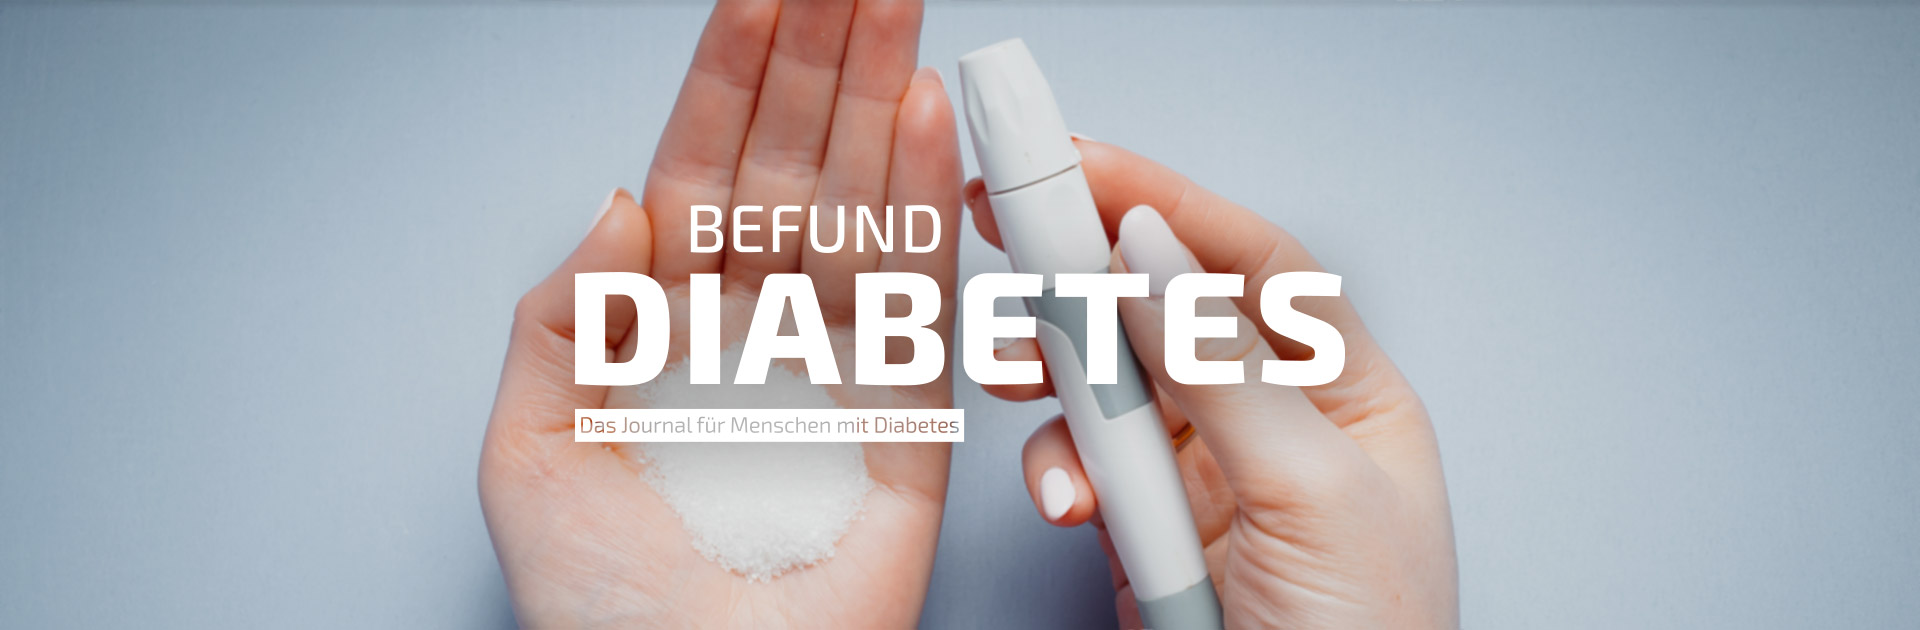 Zeitschrift Befund Diabetes